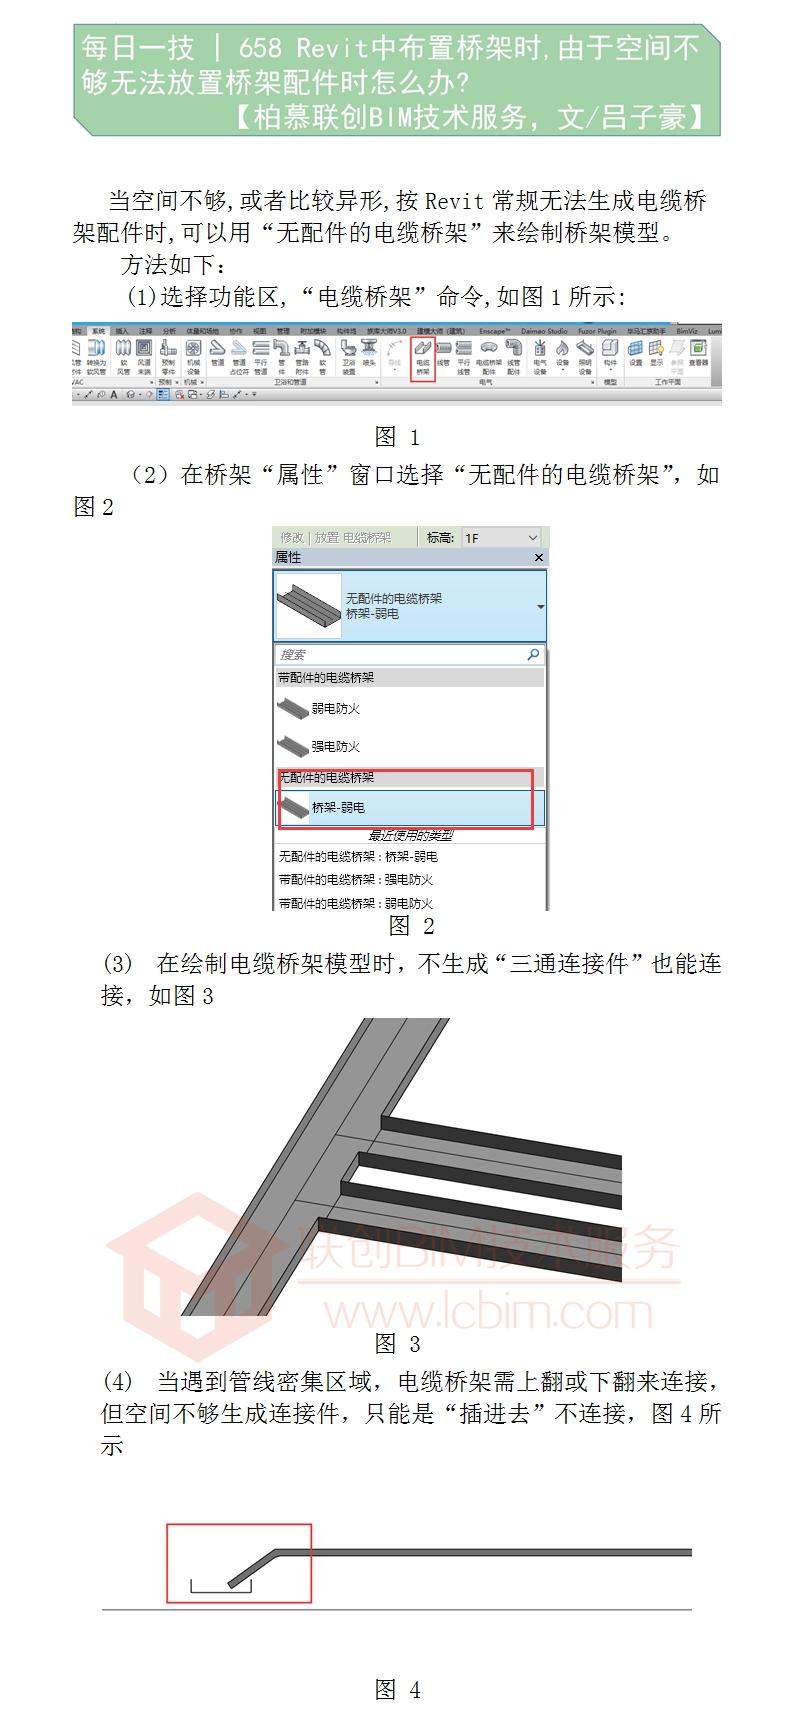 658 Revit中布置桥架时,由于空间不够无法放置桥架配件时怎么办.jpg